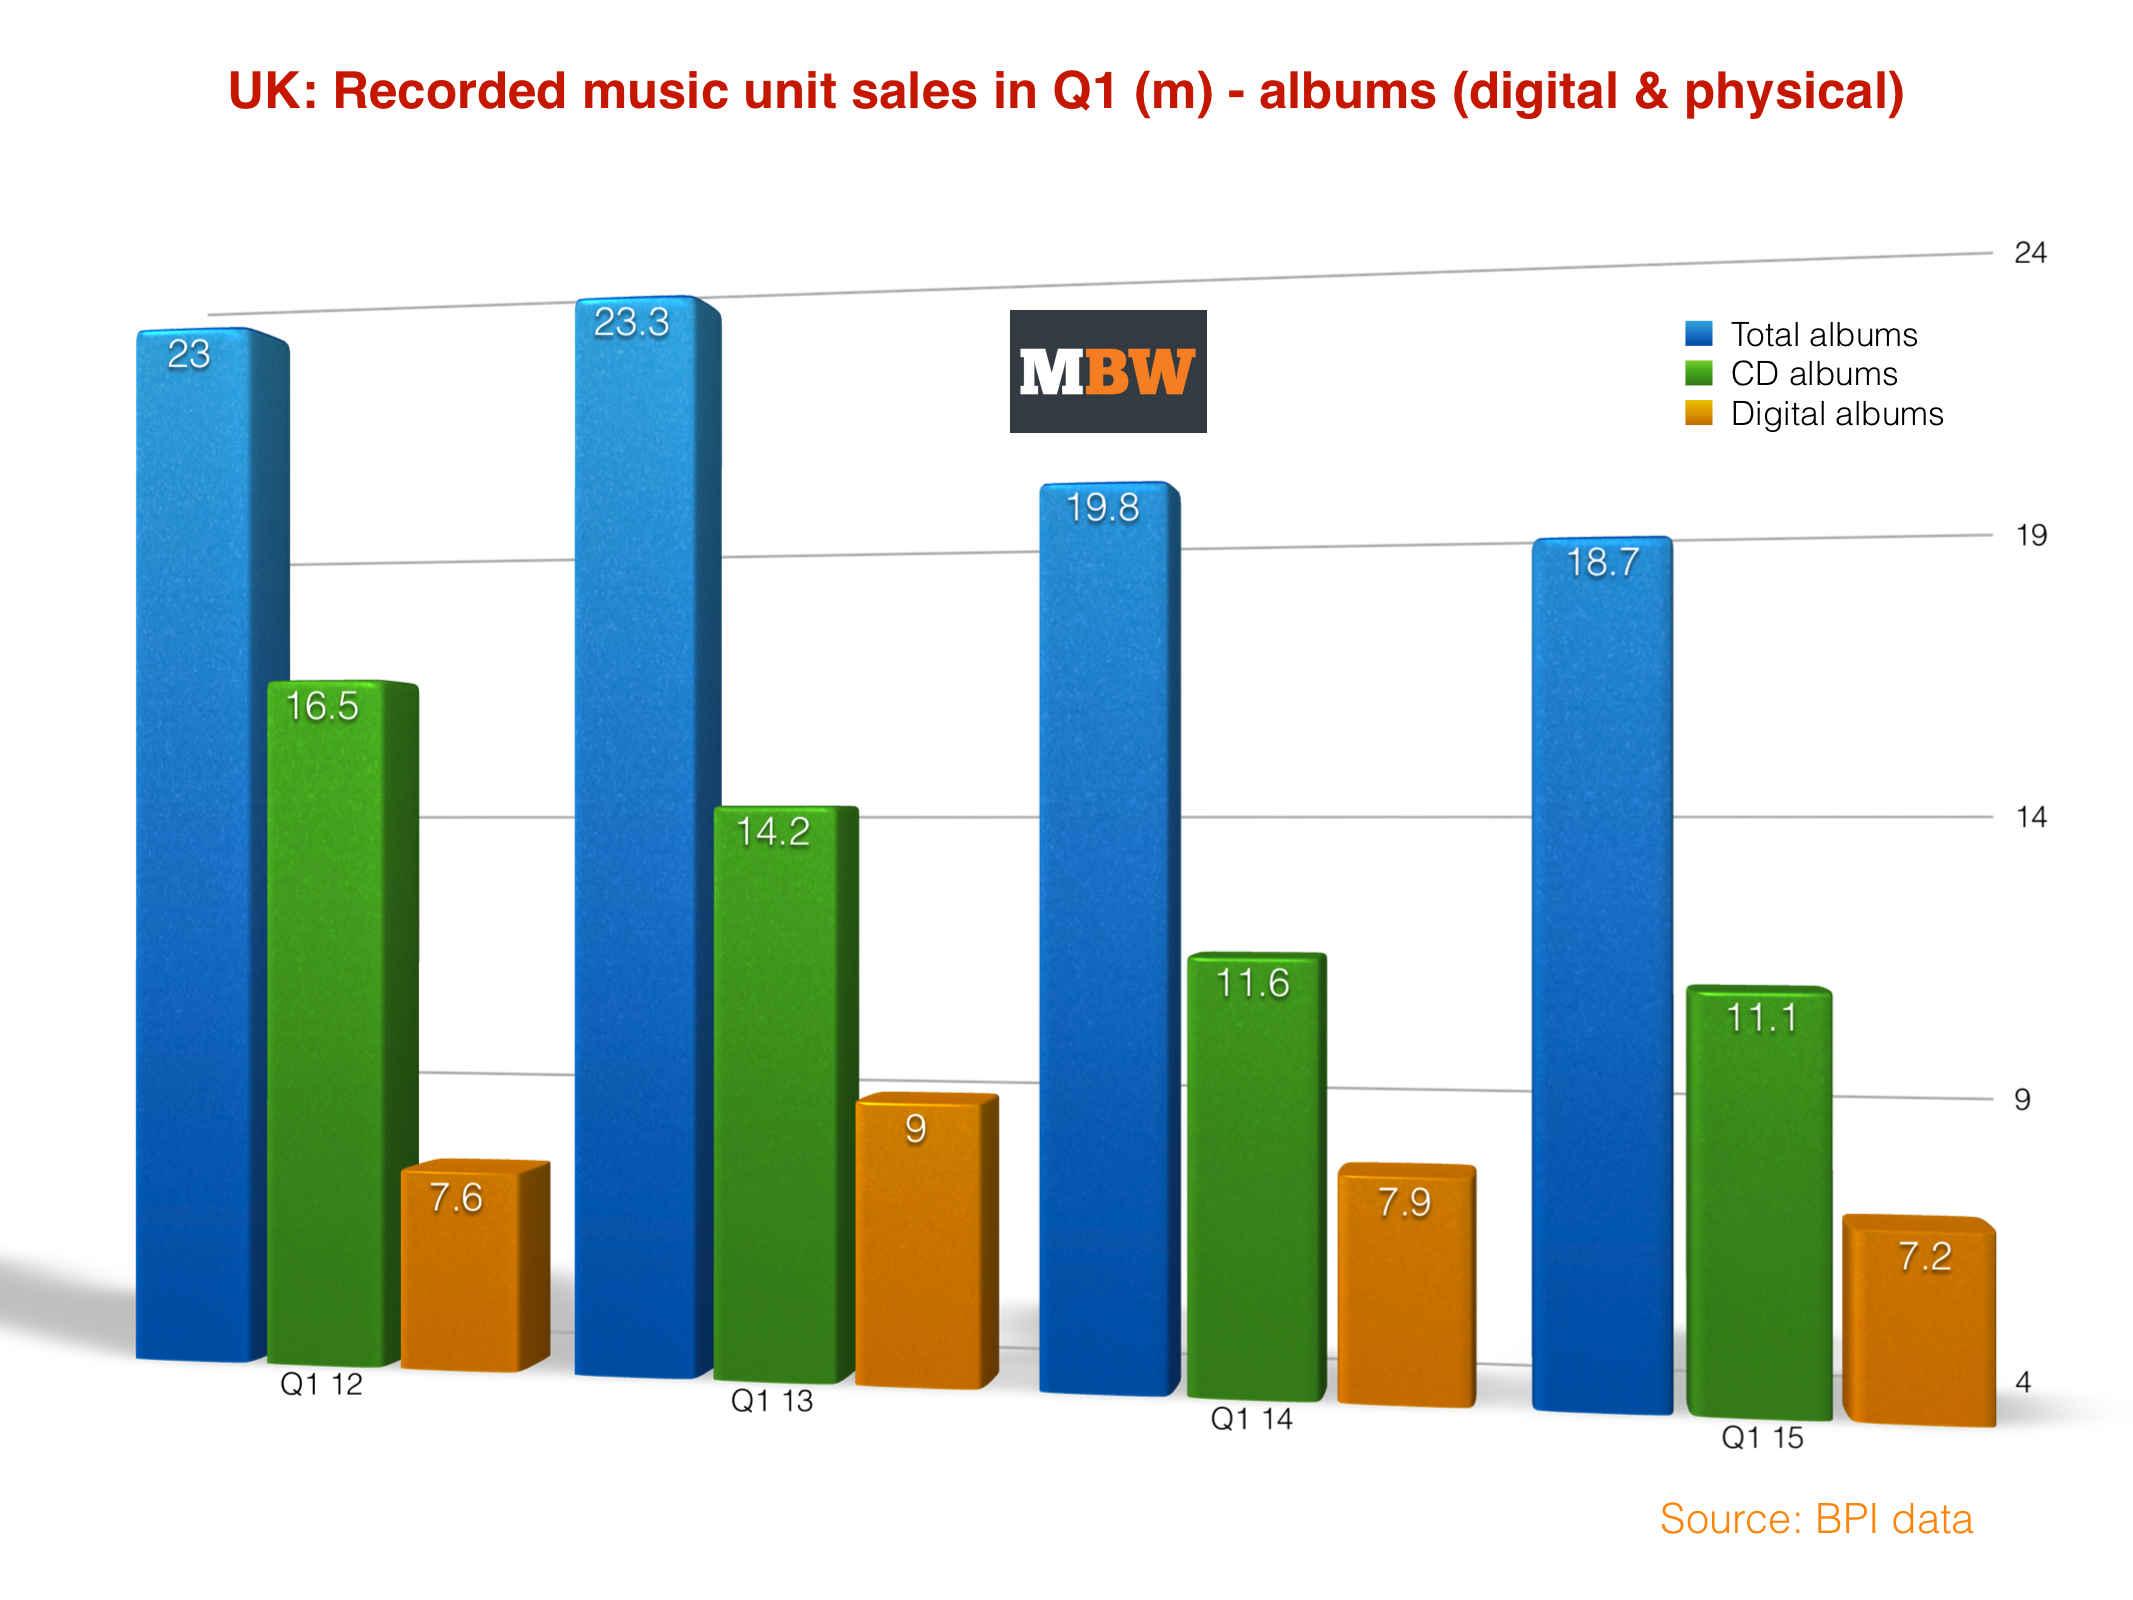 Albums in m UK Q1 2015